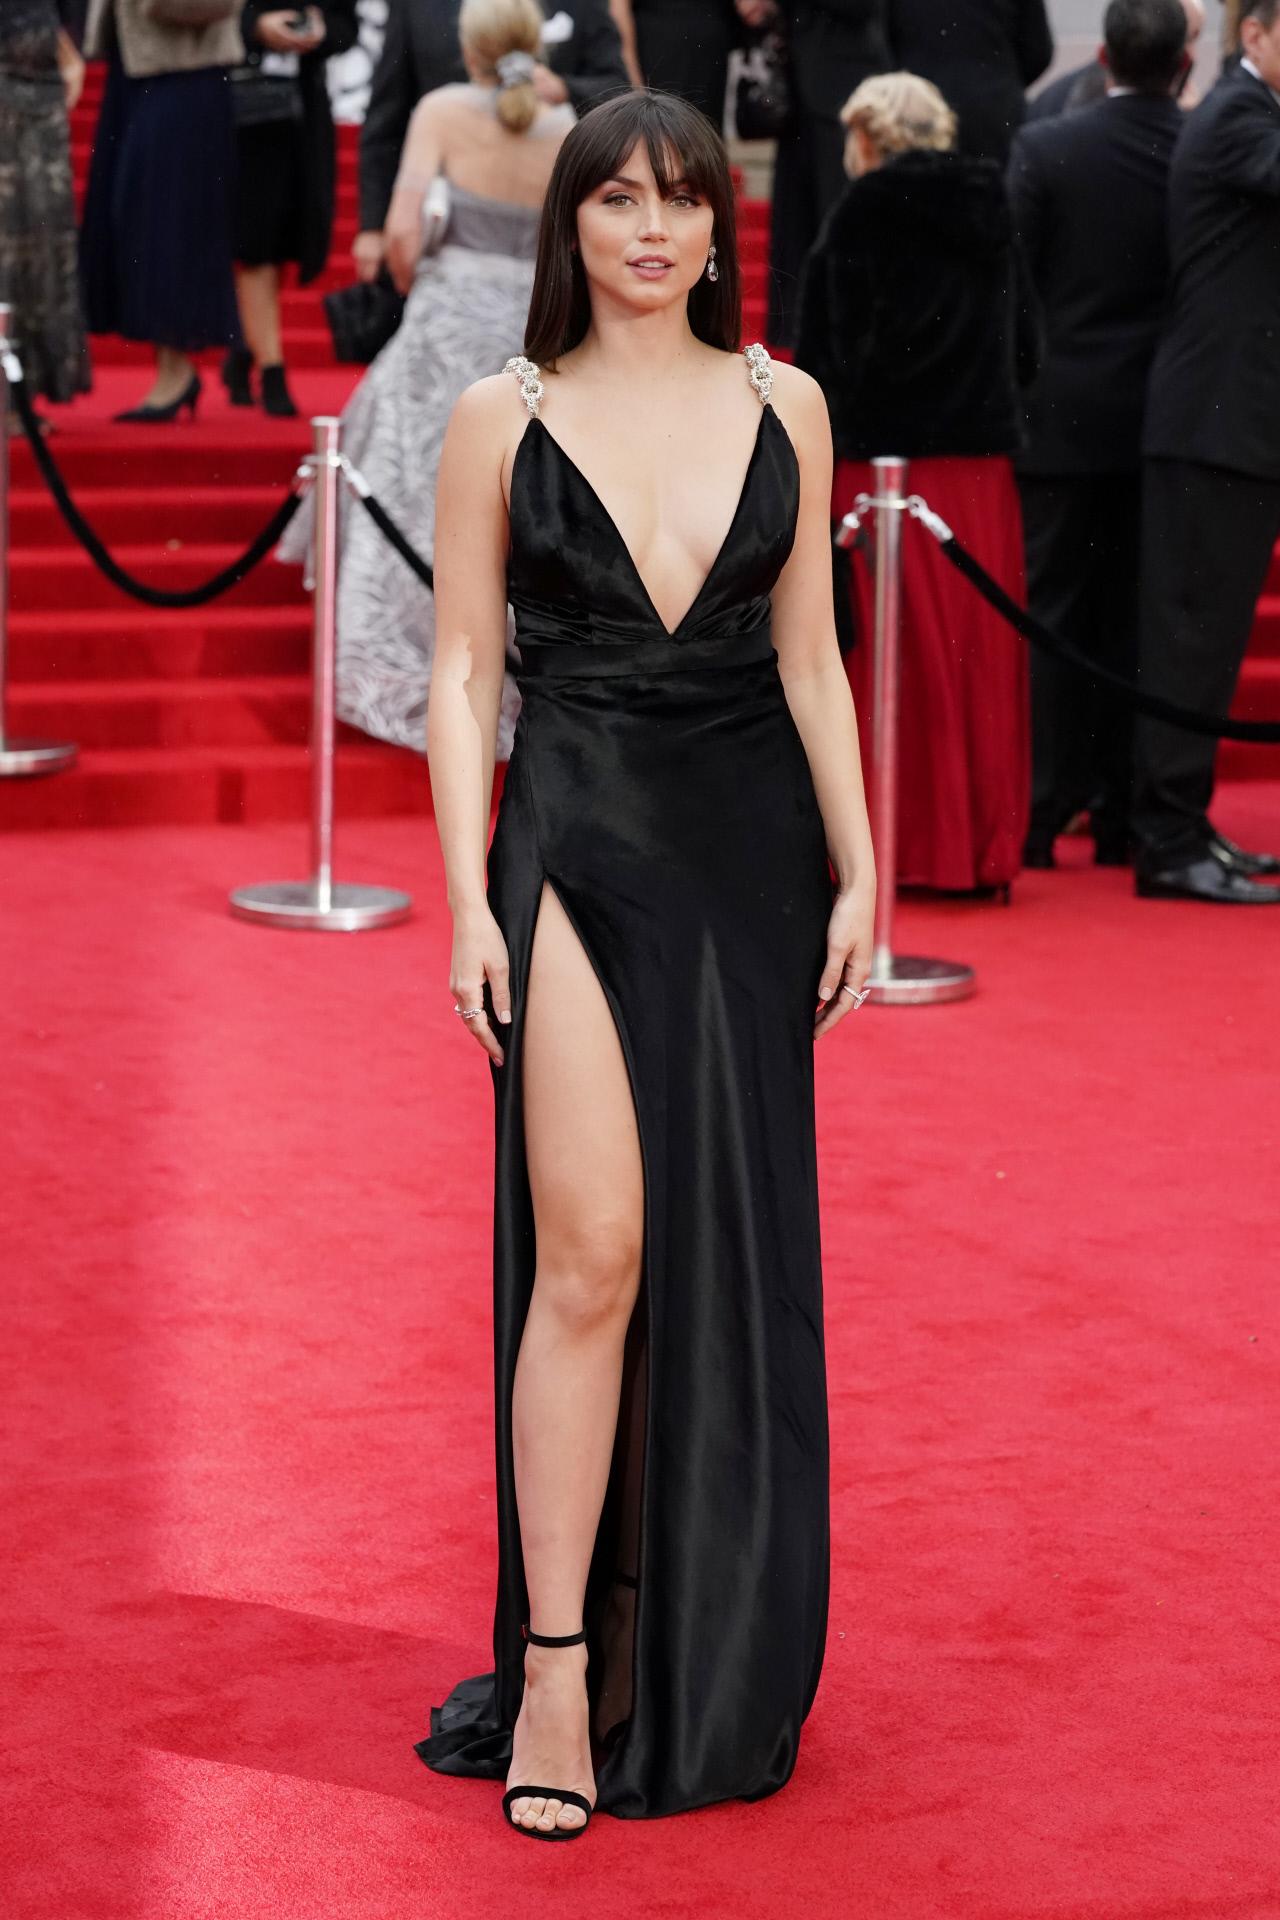 Vestido de Ana de Armas en la premiere de James Bond